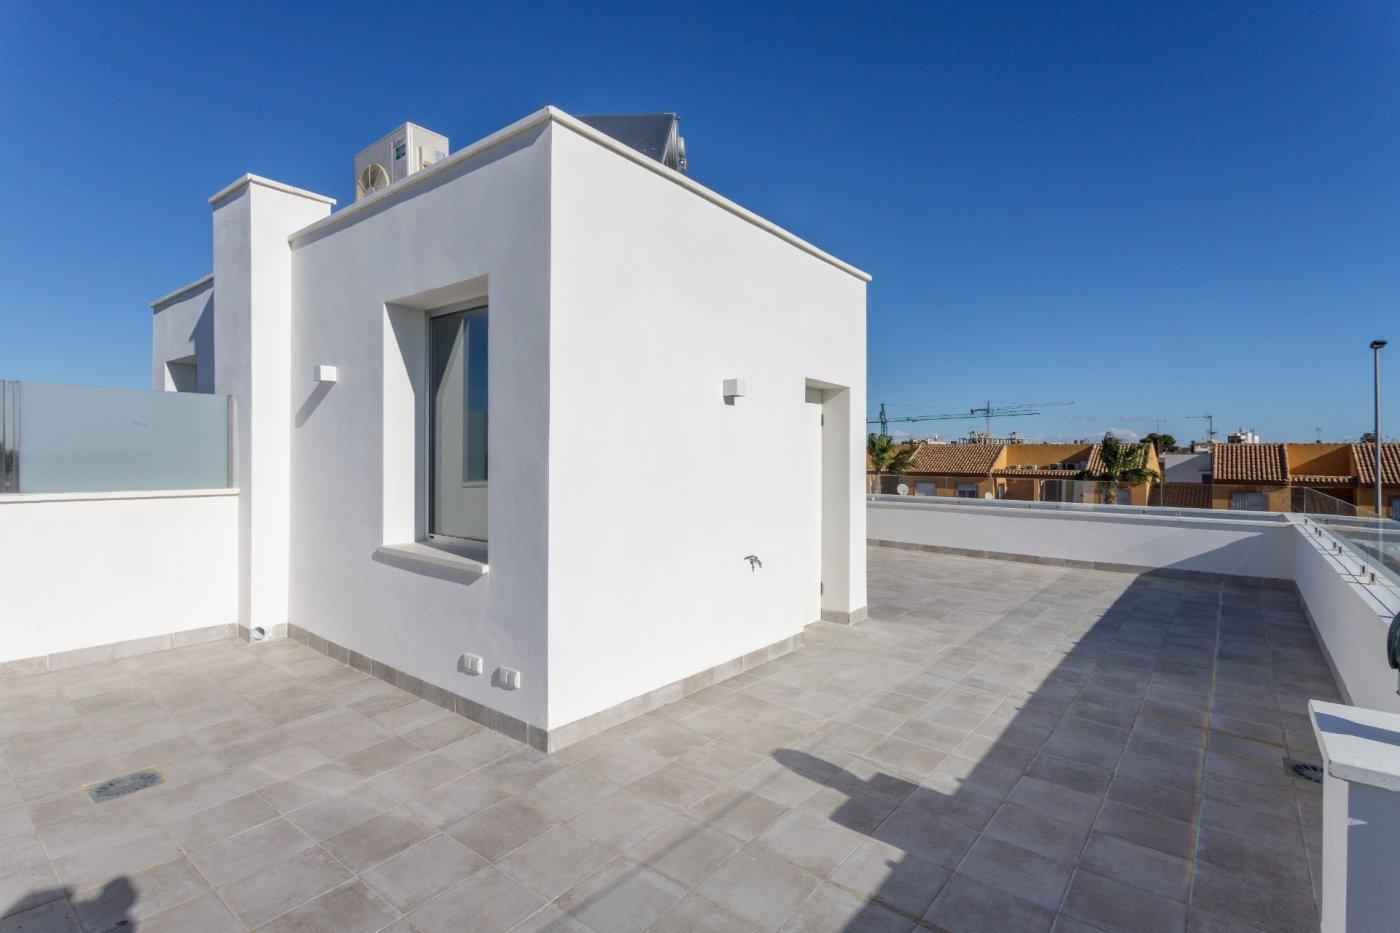 Villas con estilo en san pedro del pinatar - imagenInmueble23